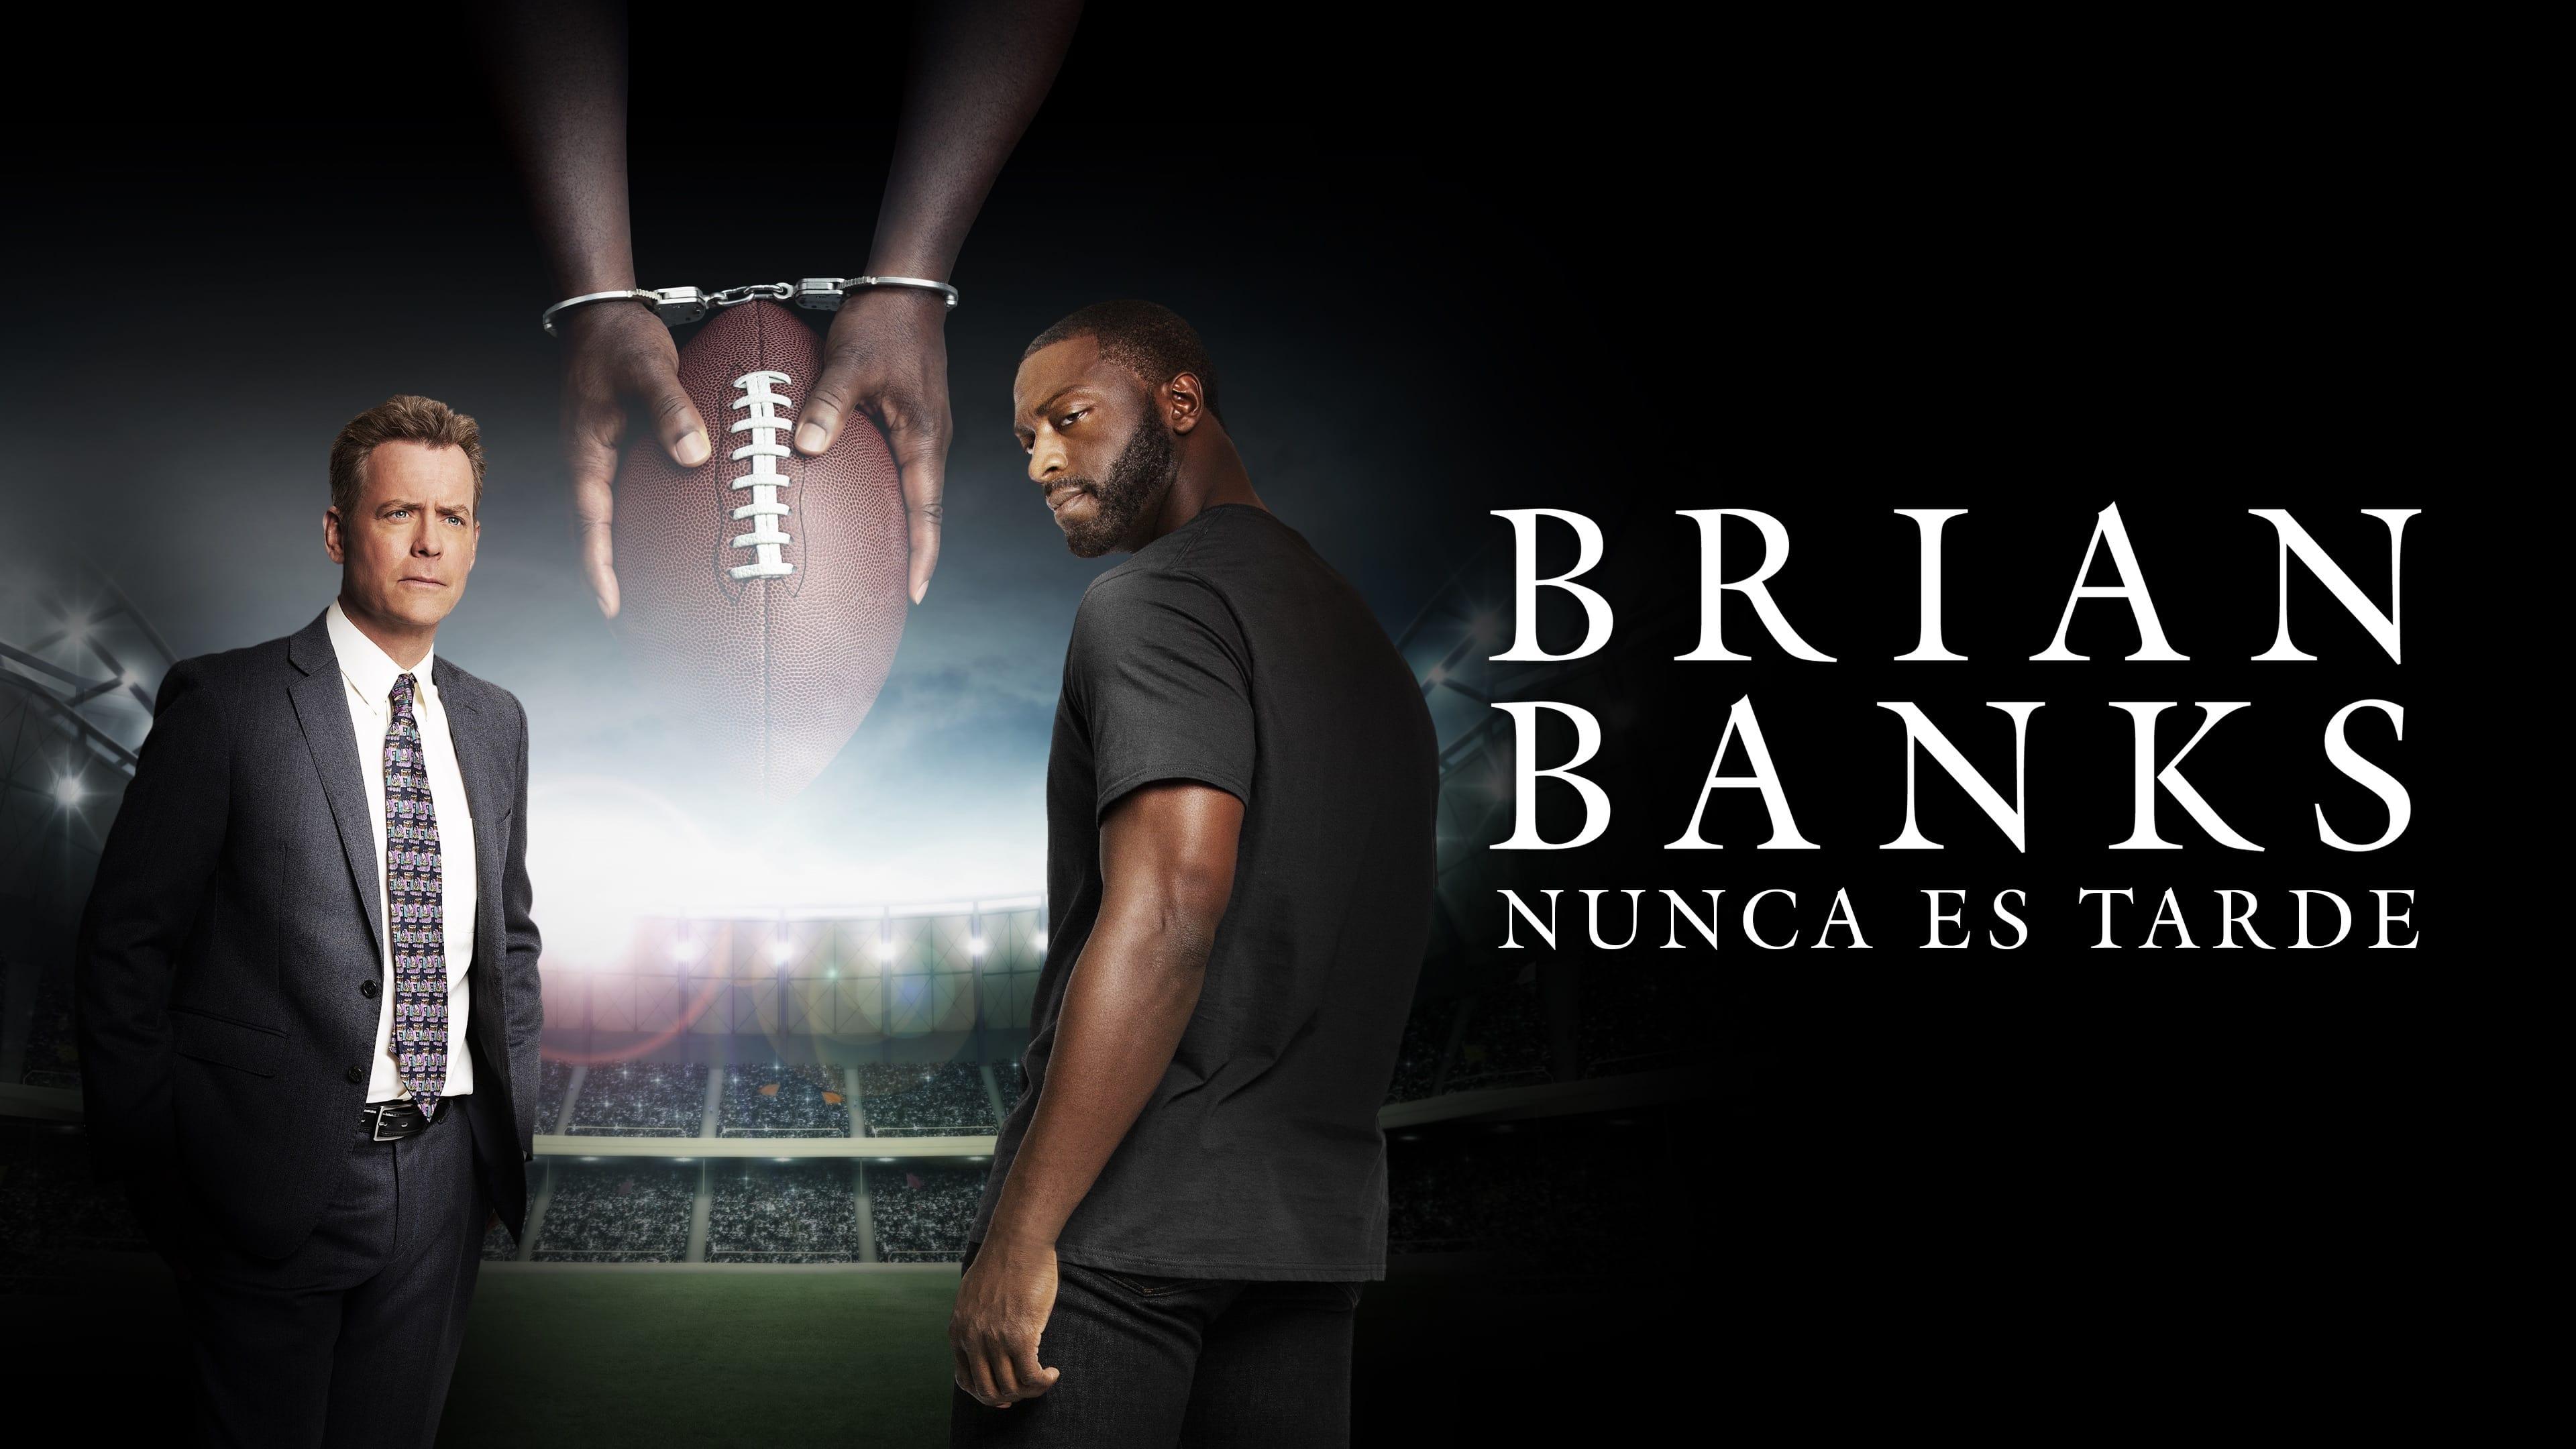 Brian Banks: Nunca Es Tarde